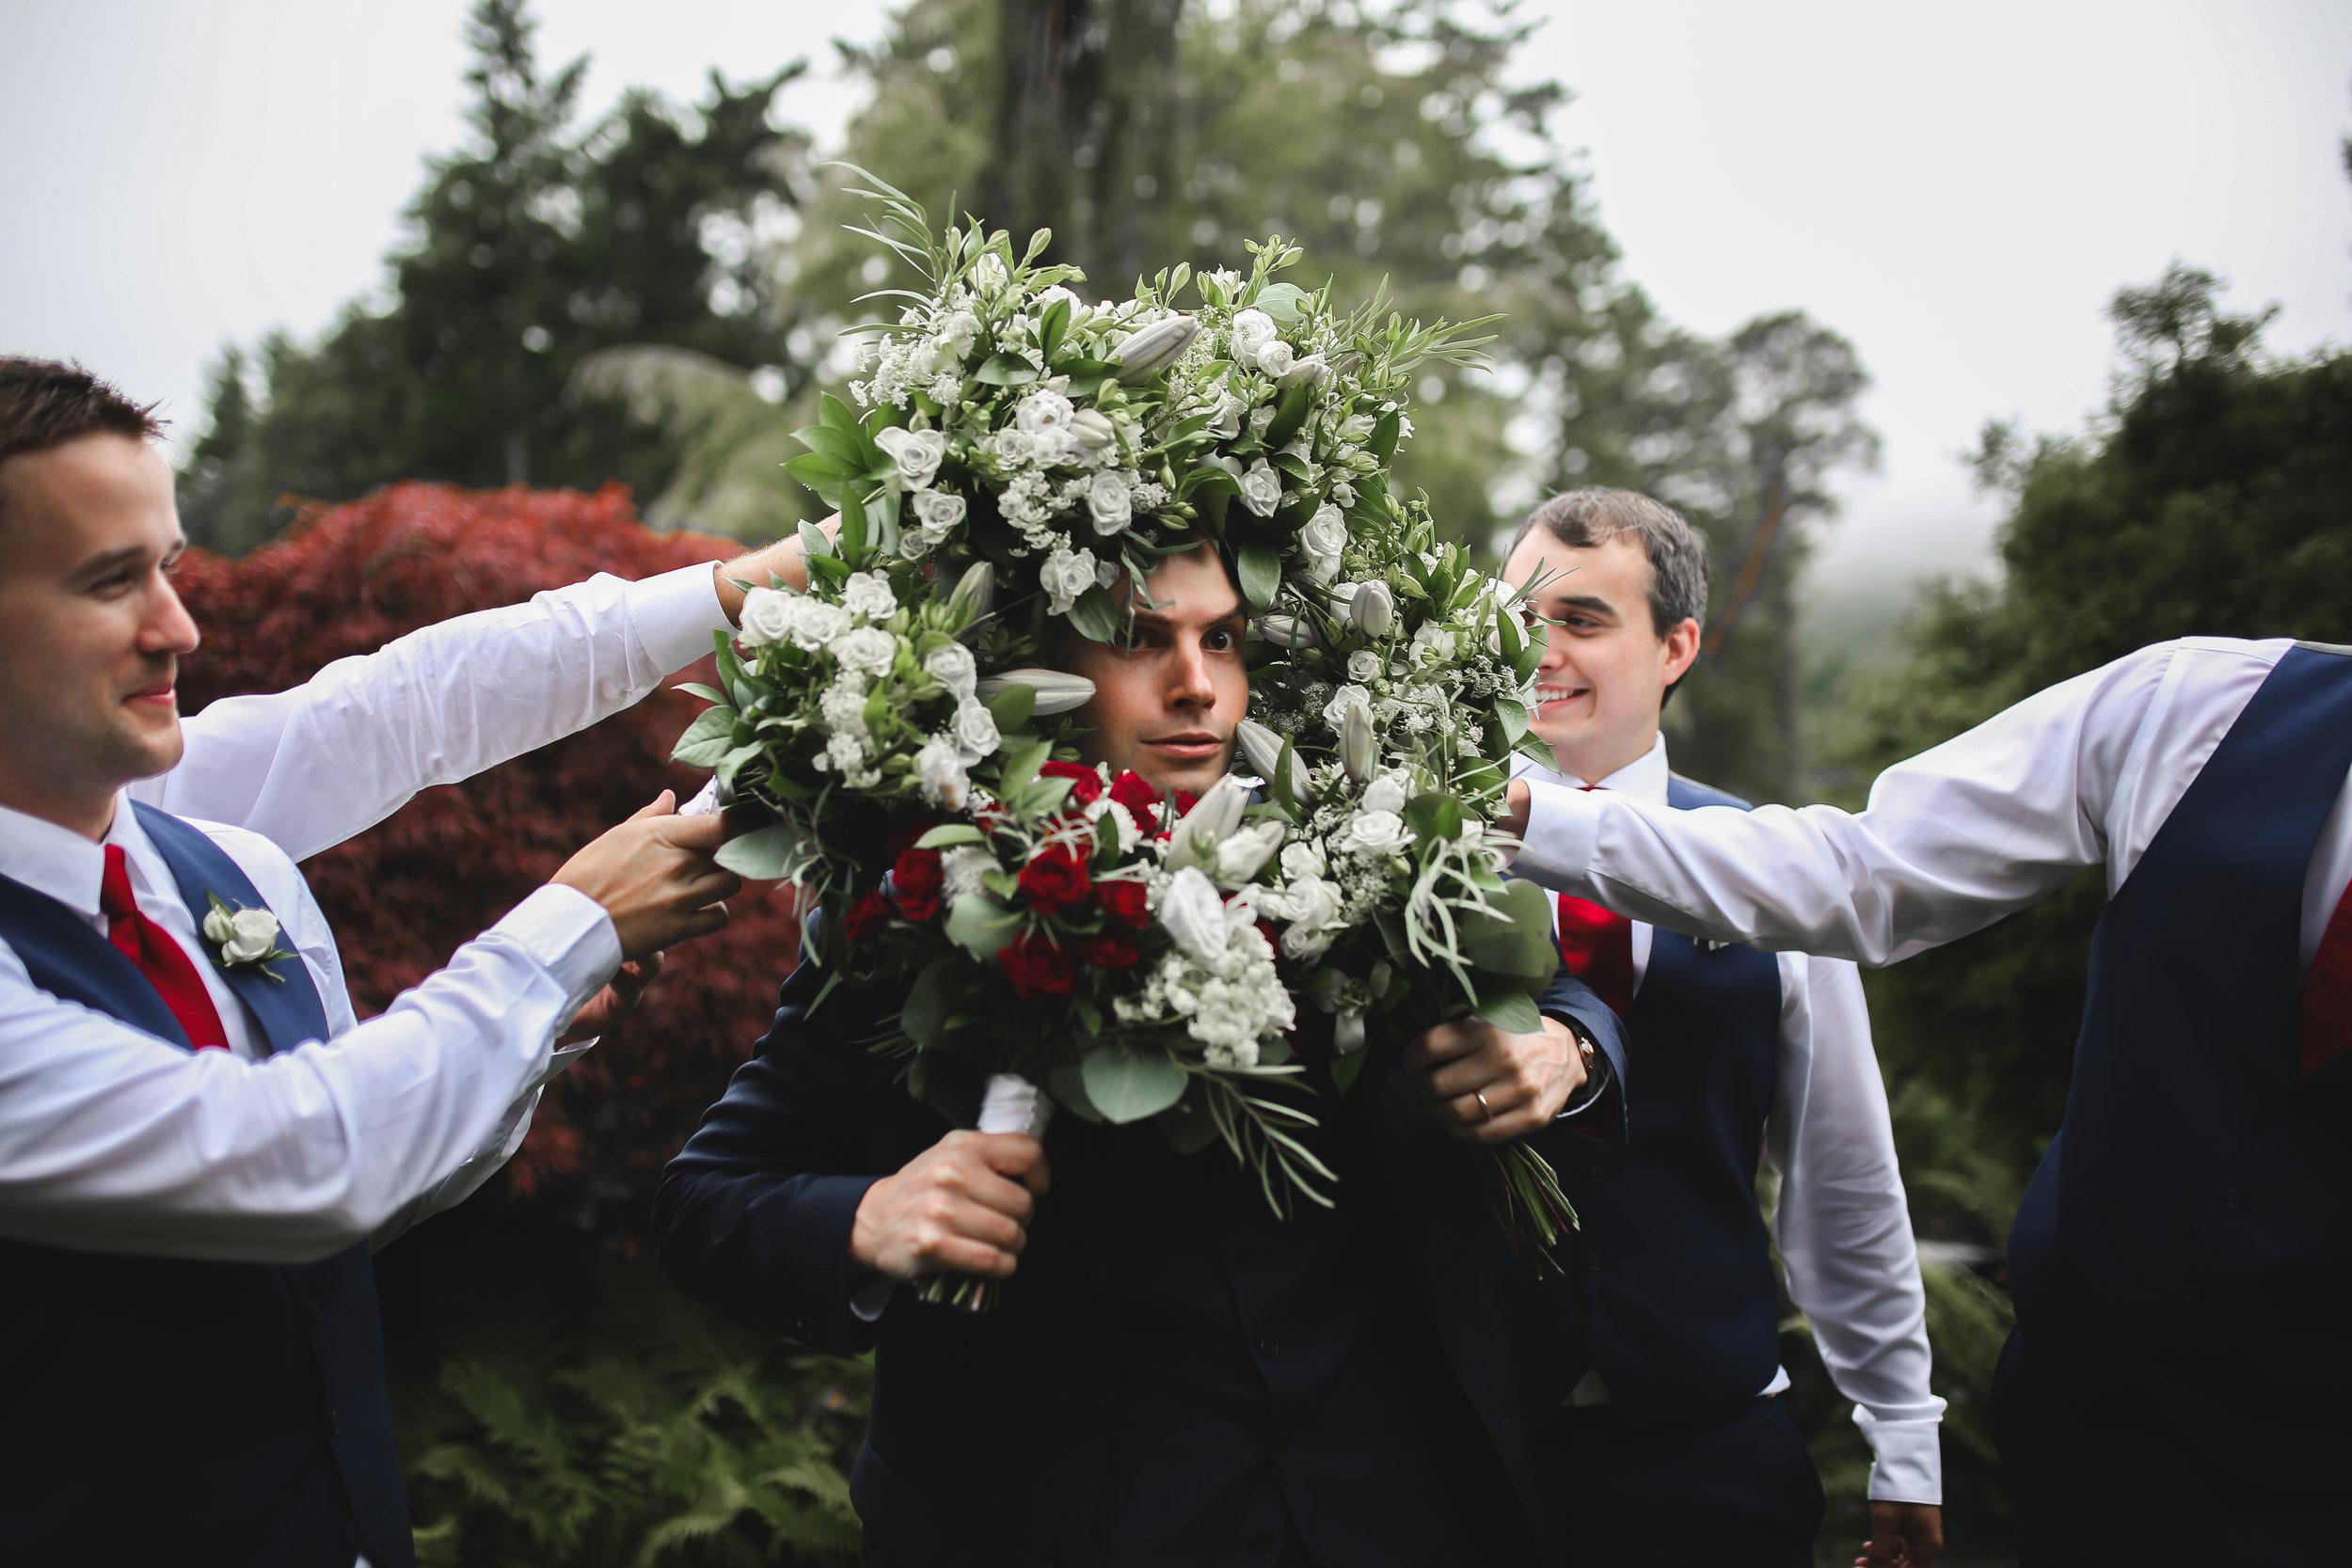 48 Adam Ziorio Photography - Allison & Austin's Wedding.jpg